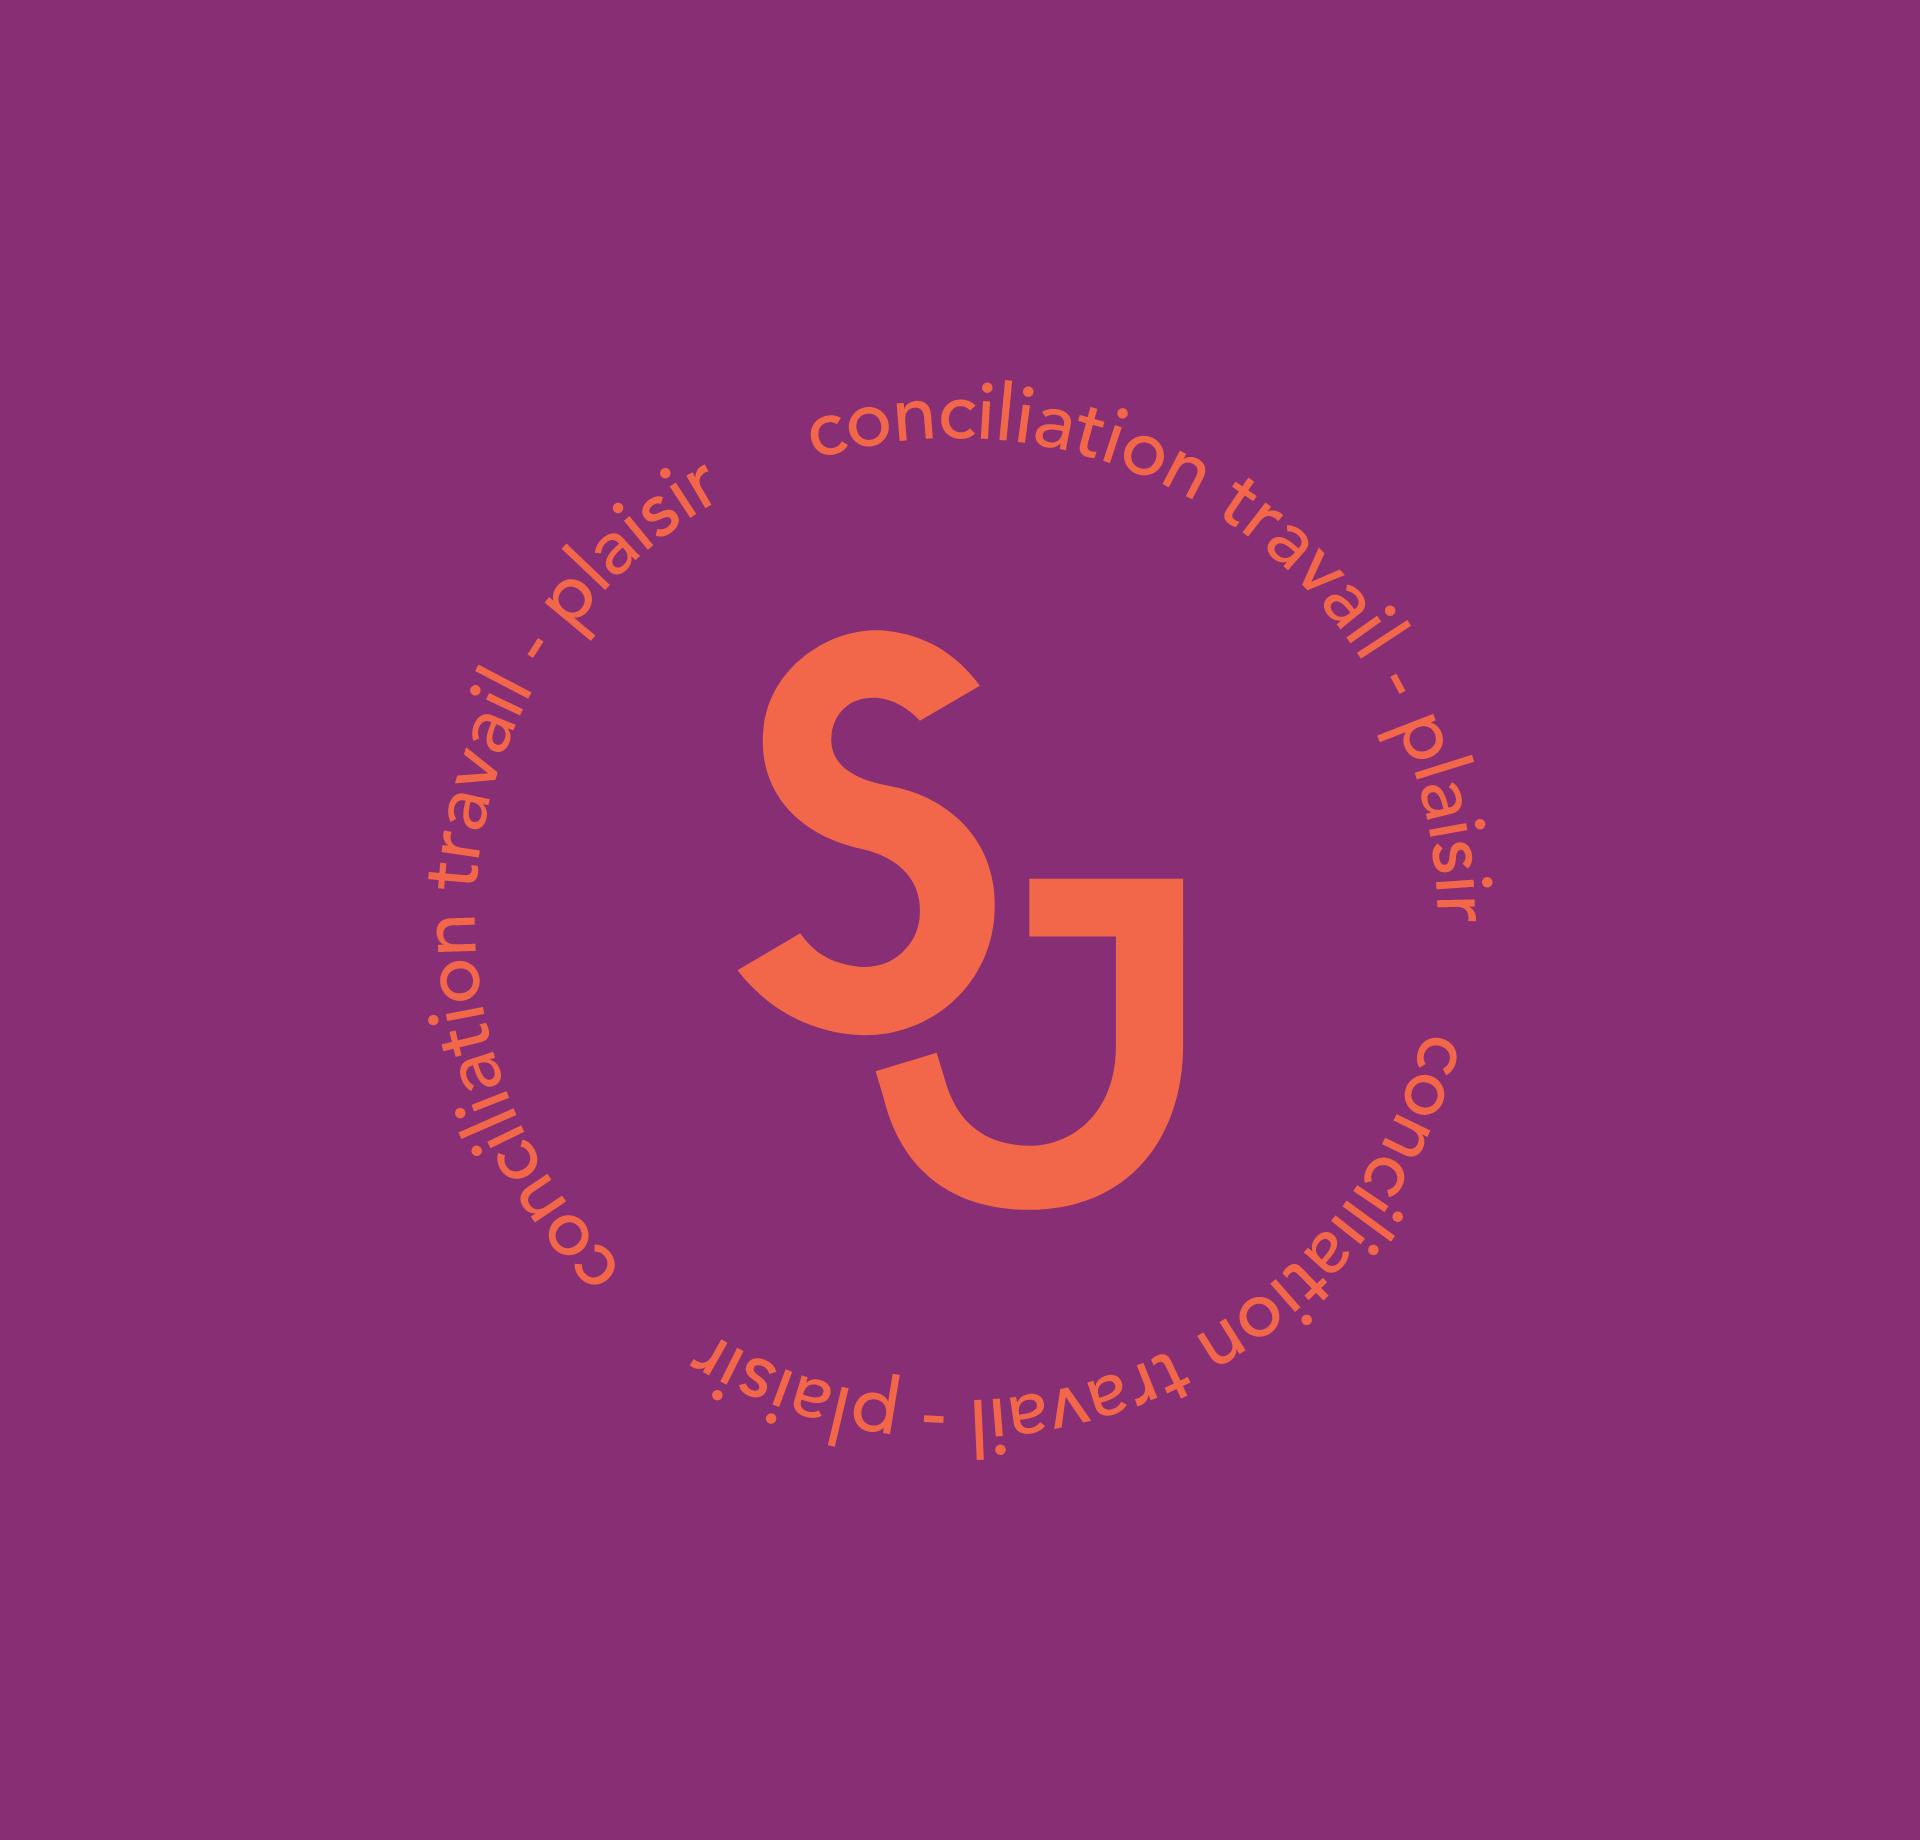 SJ-Conciliation-travail-plaisir